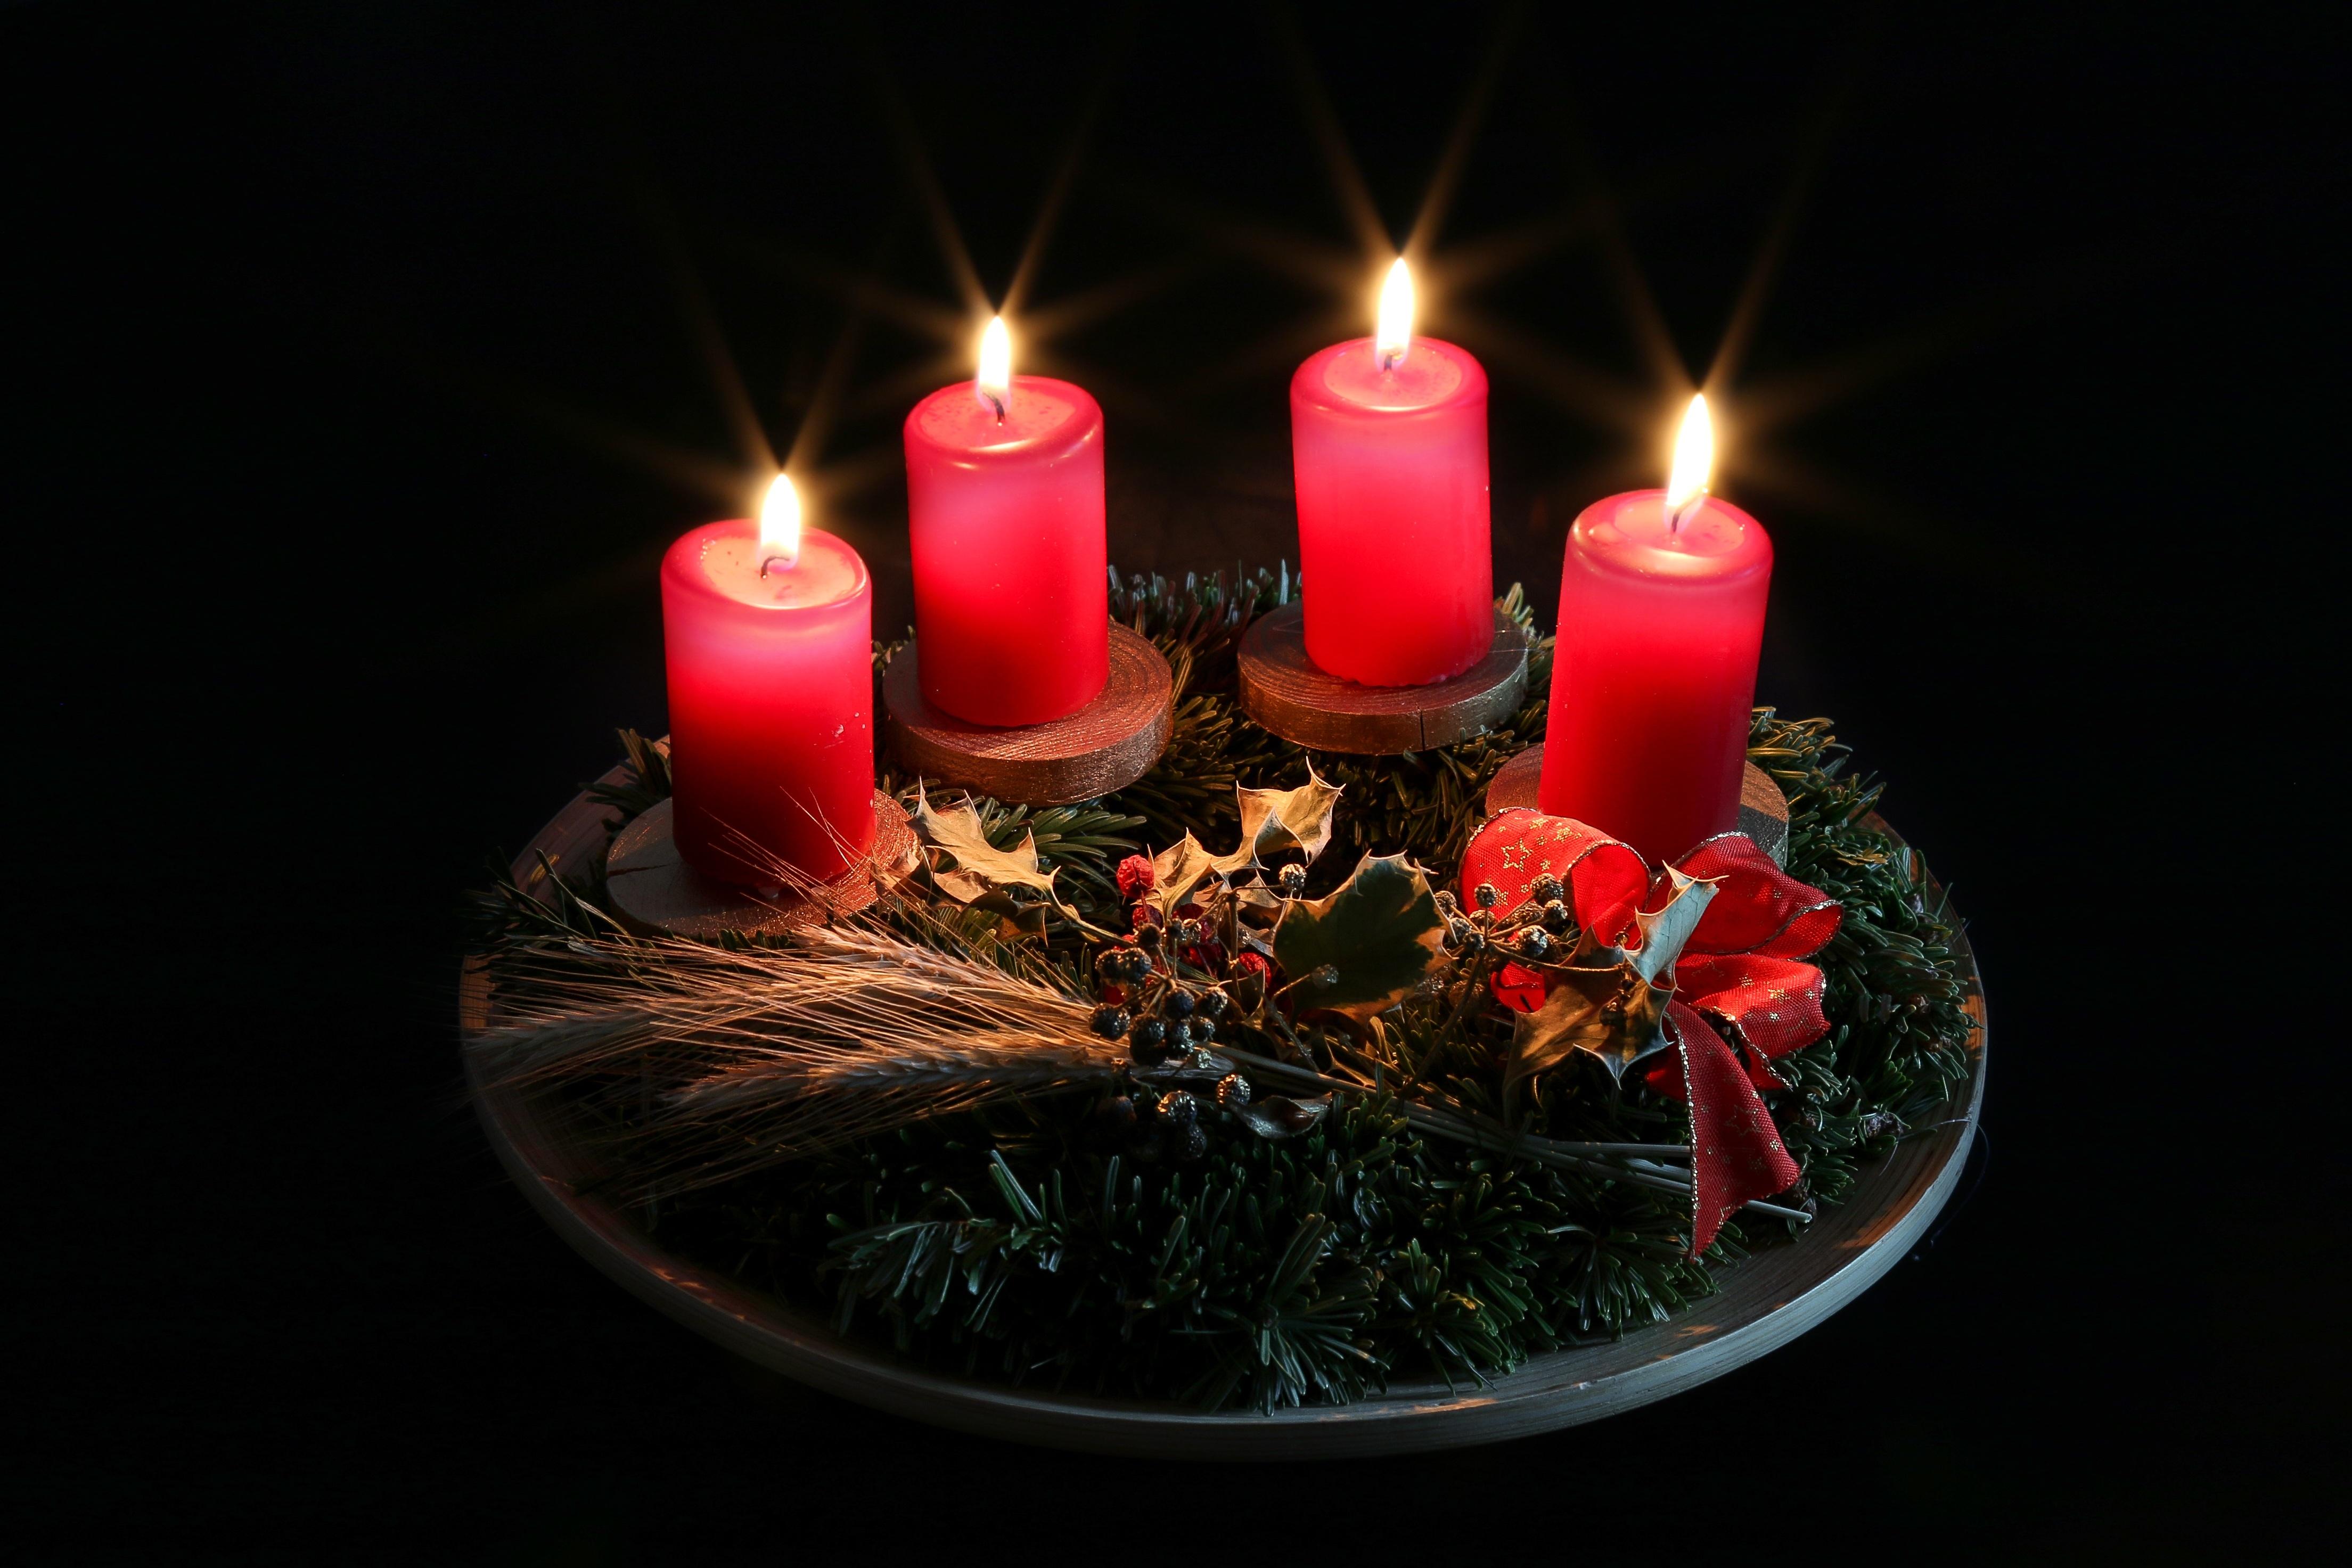 Adventskranz Bilder Kostenlos kostenlose foto blume rot kerze weihnachten beleuchtung dekor